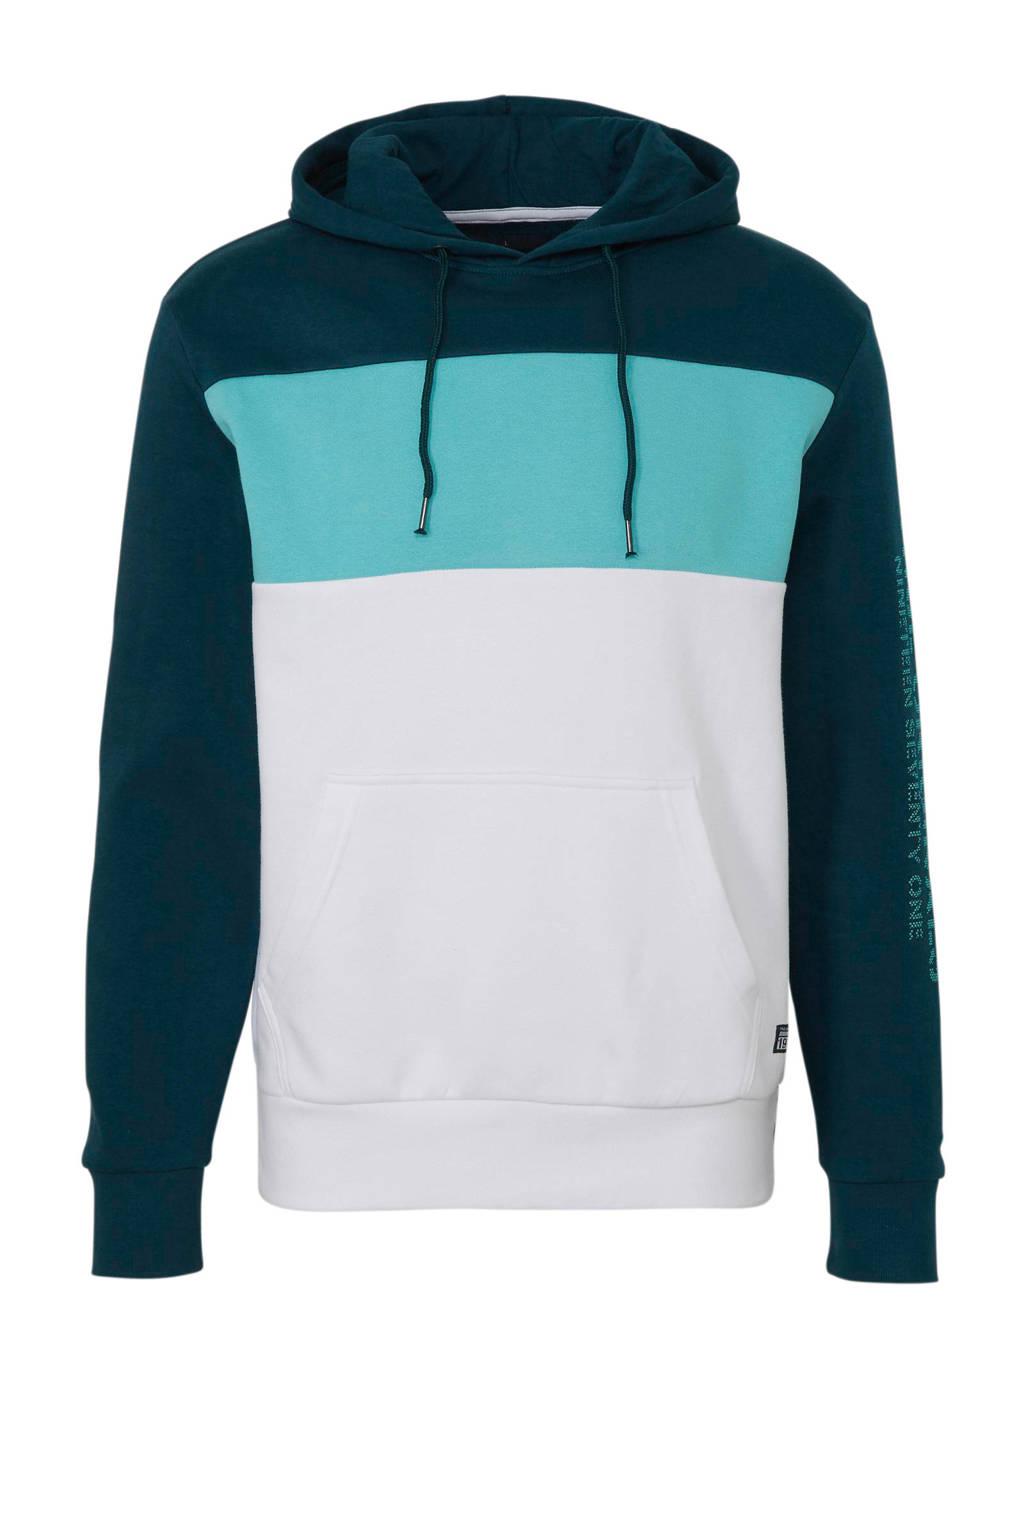 C&A Angelo Litrico hoodie met biologisch katoen groen/turquoise/wit, Groen/turquoise/wit